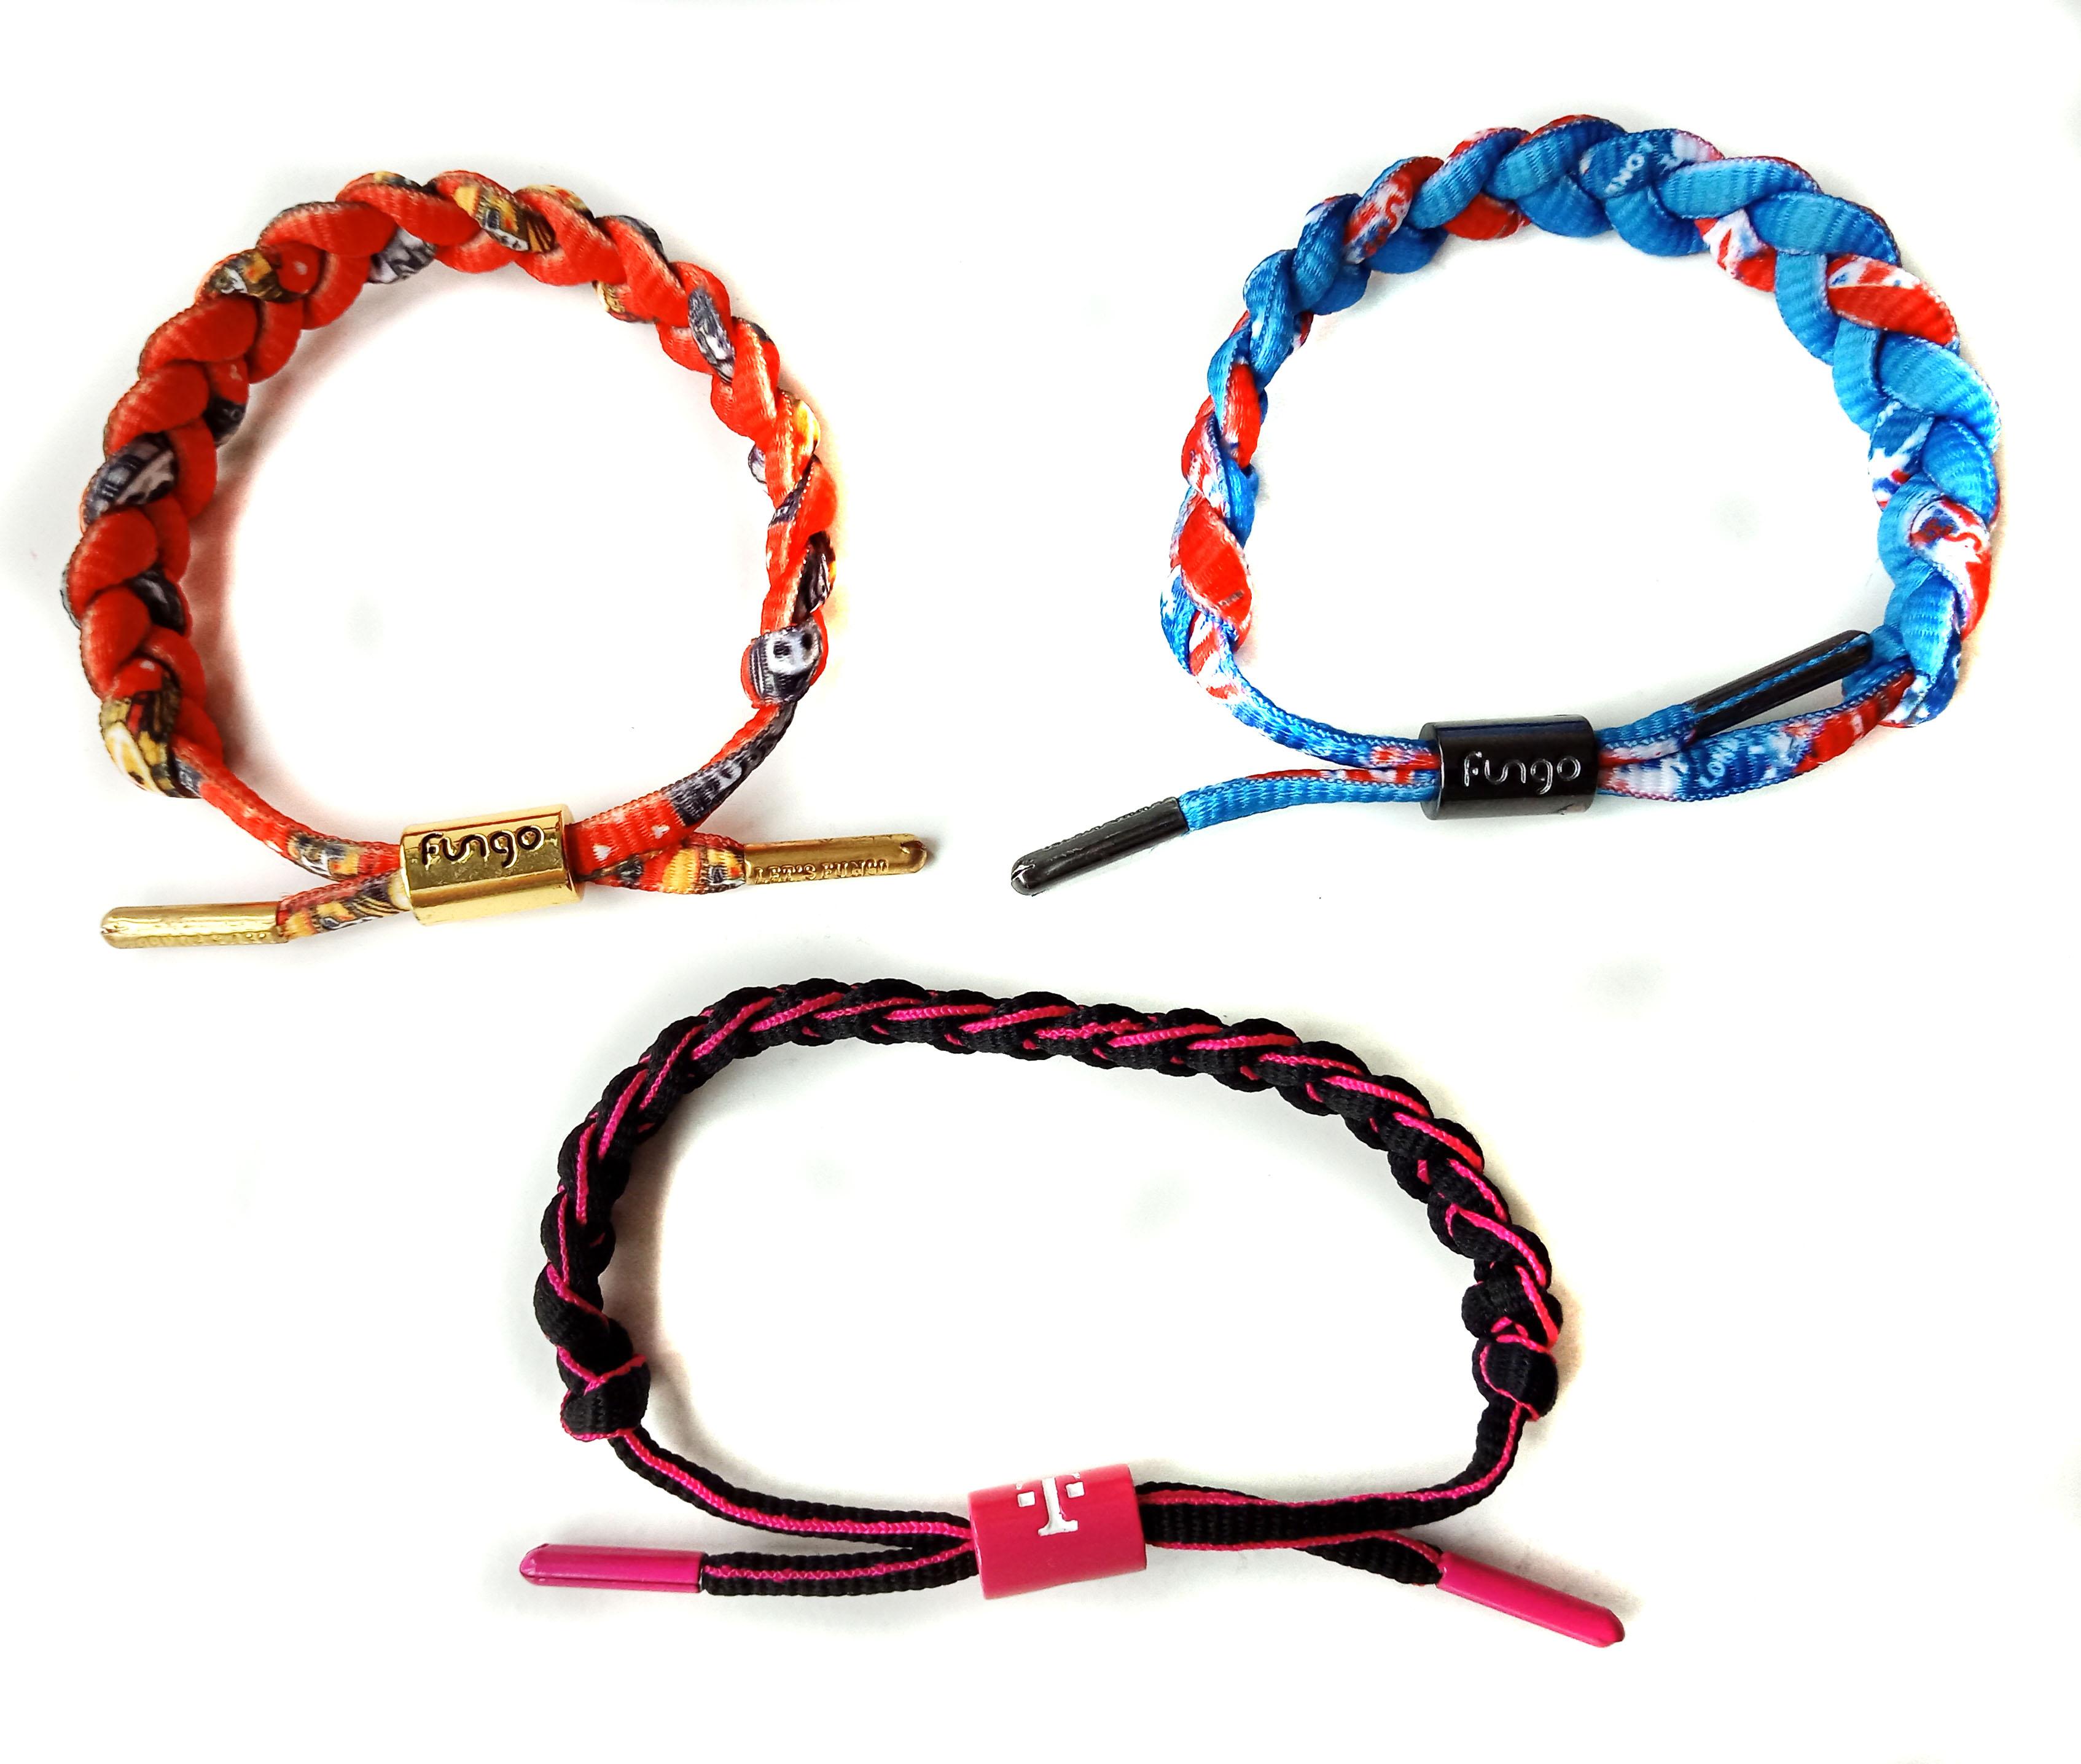 Braid wrist bracelets